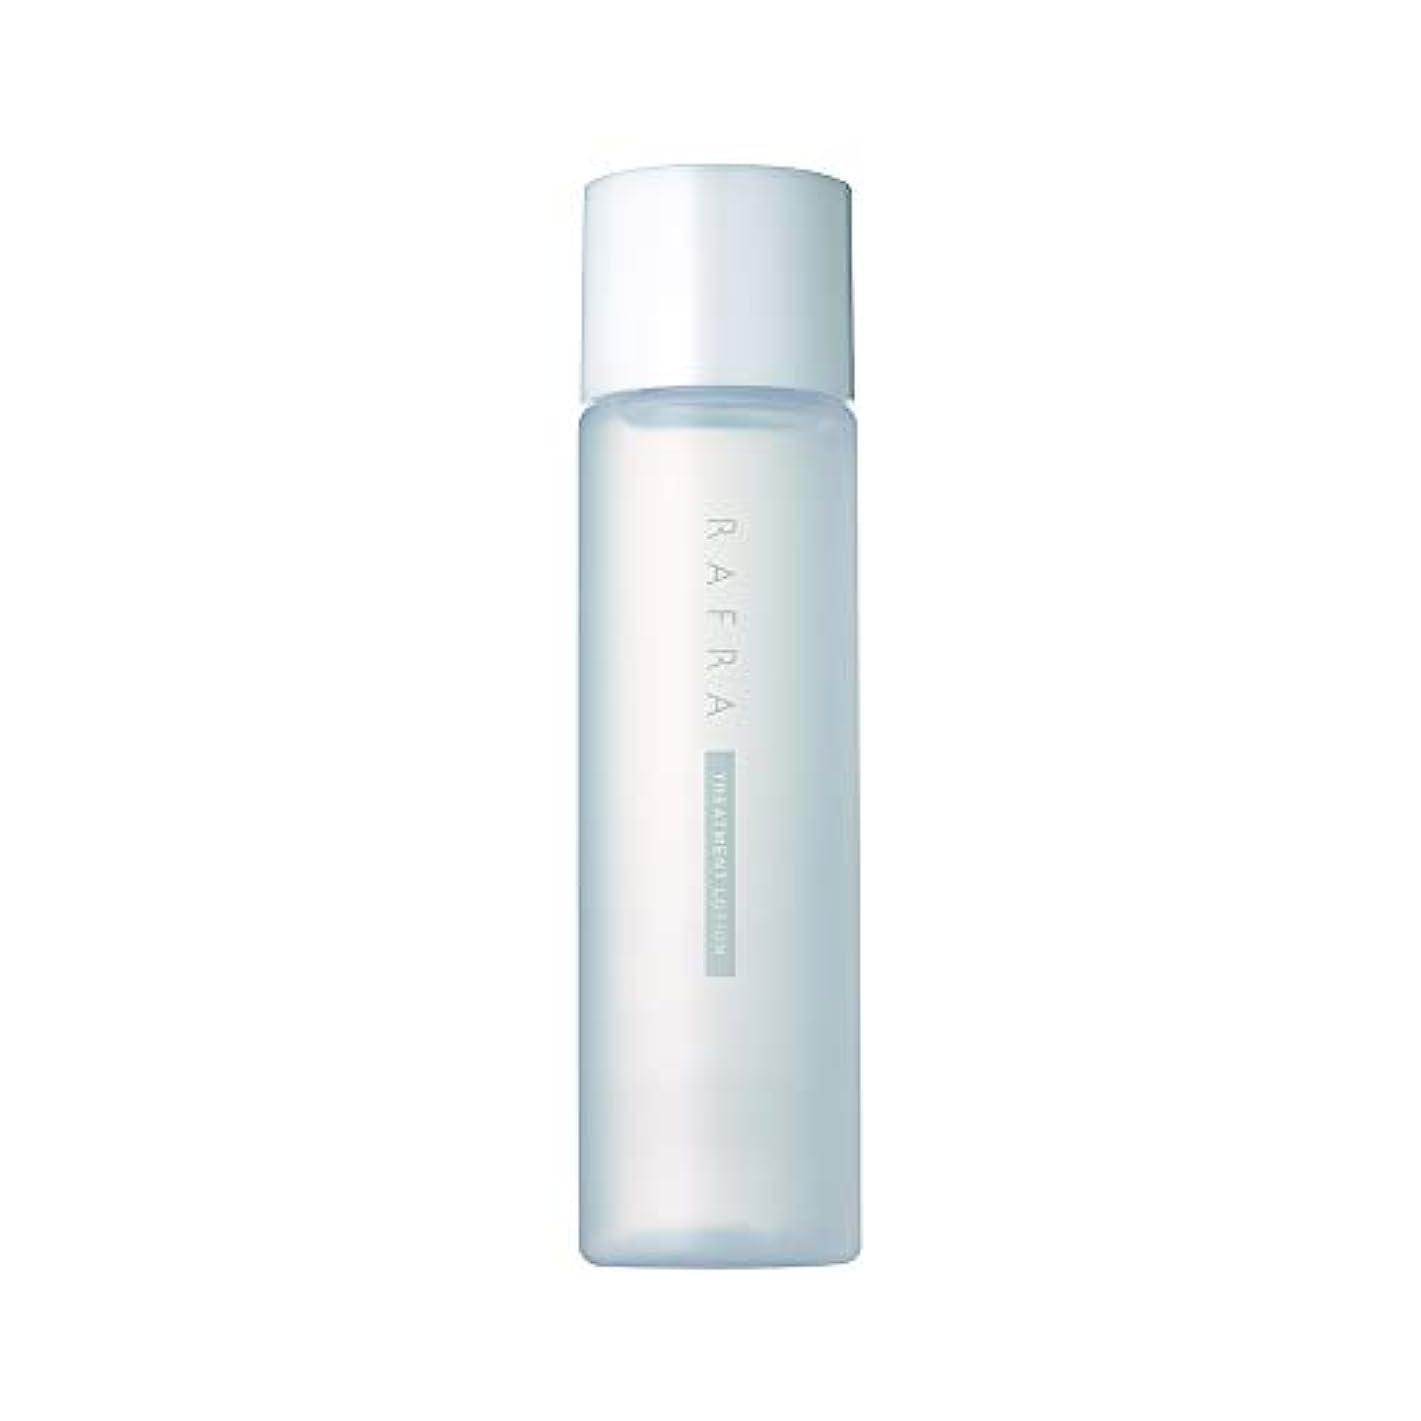 散らすバージン写真を描くラフラ トリートメントローション 150ml 化粧水 ブースター 導入液